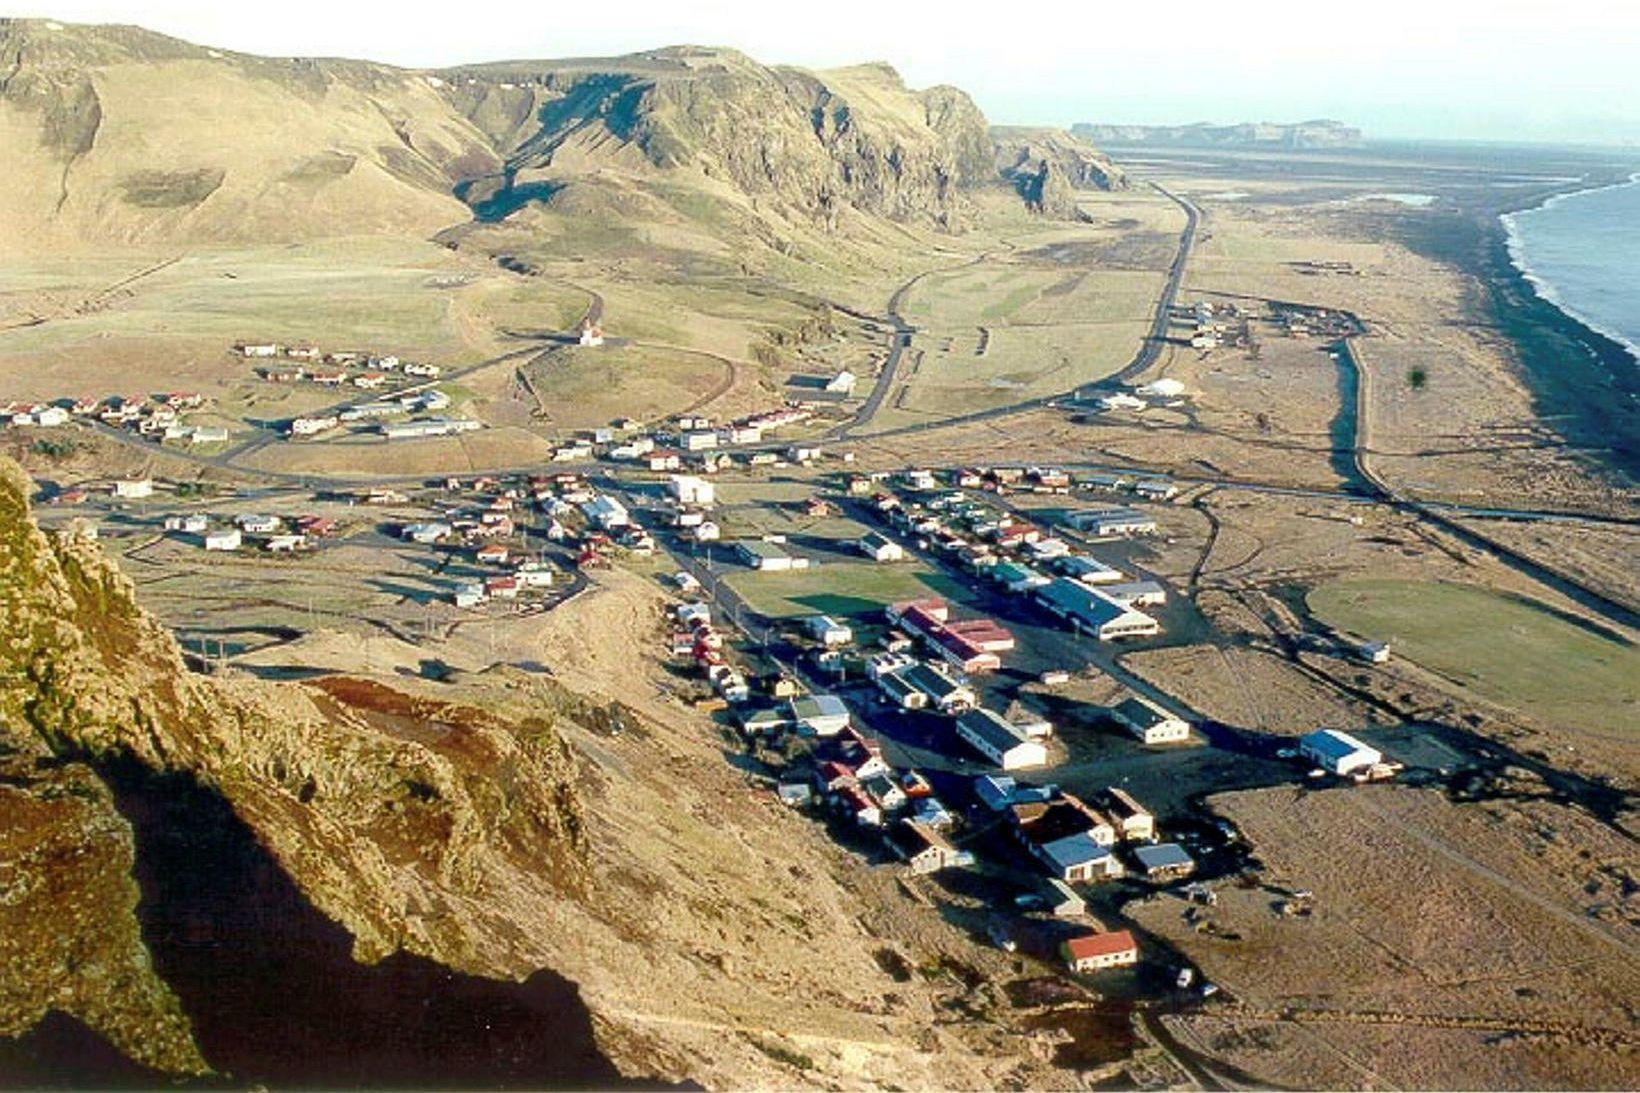 Vík í Mýrdal. Hópsmitið má rekja til vinnustaðar í Mýrdalshreppi.